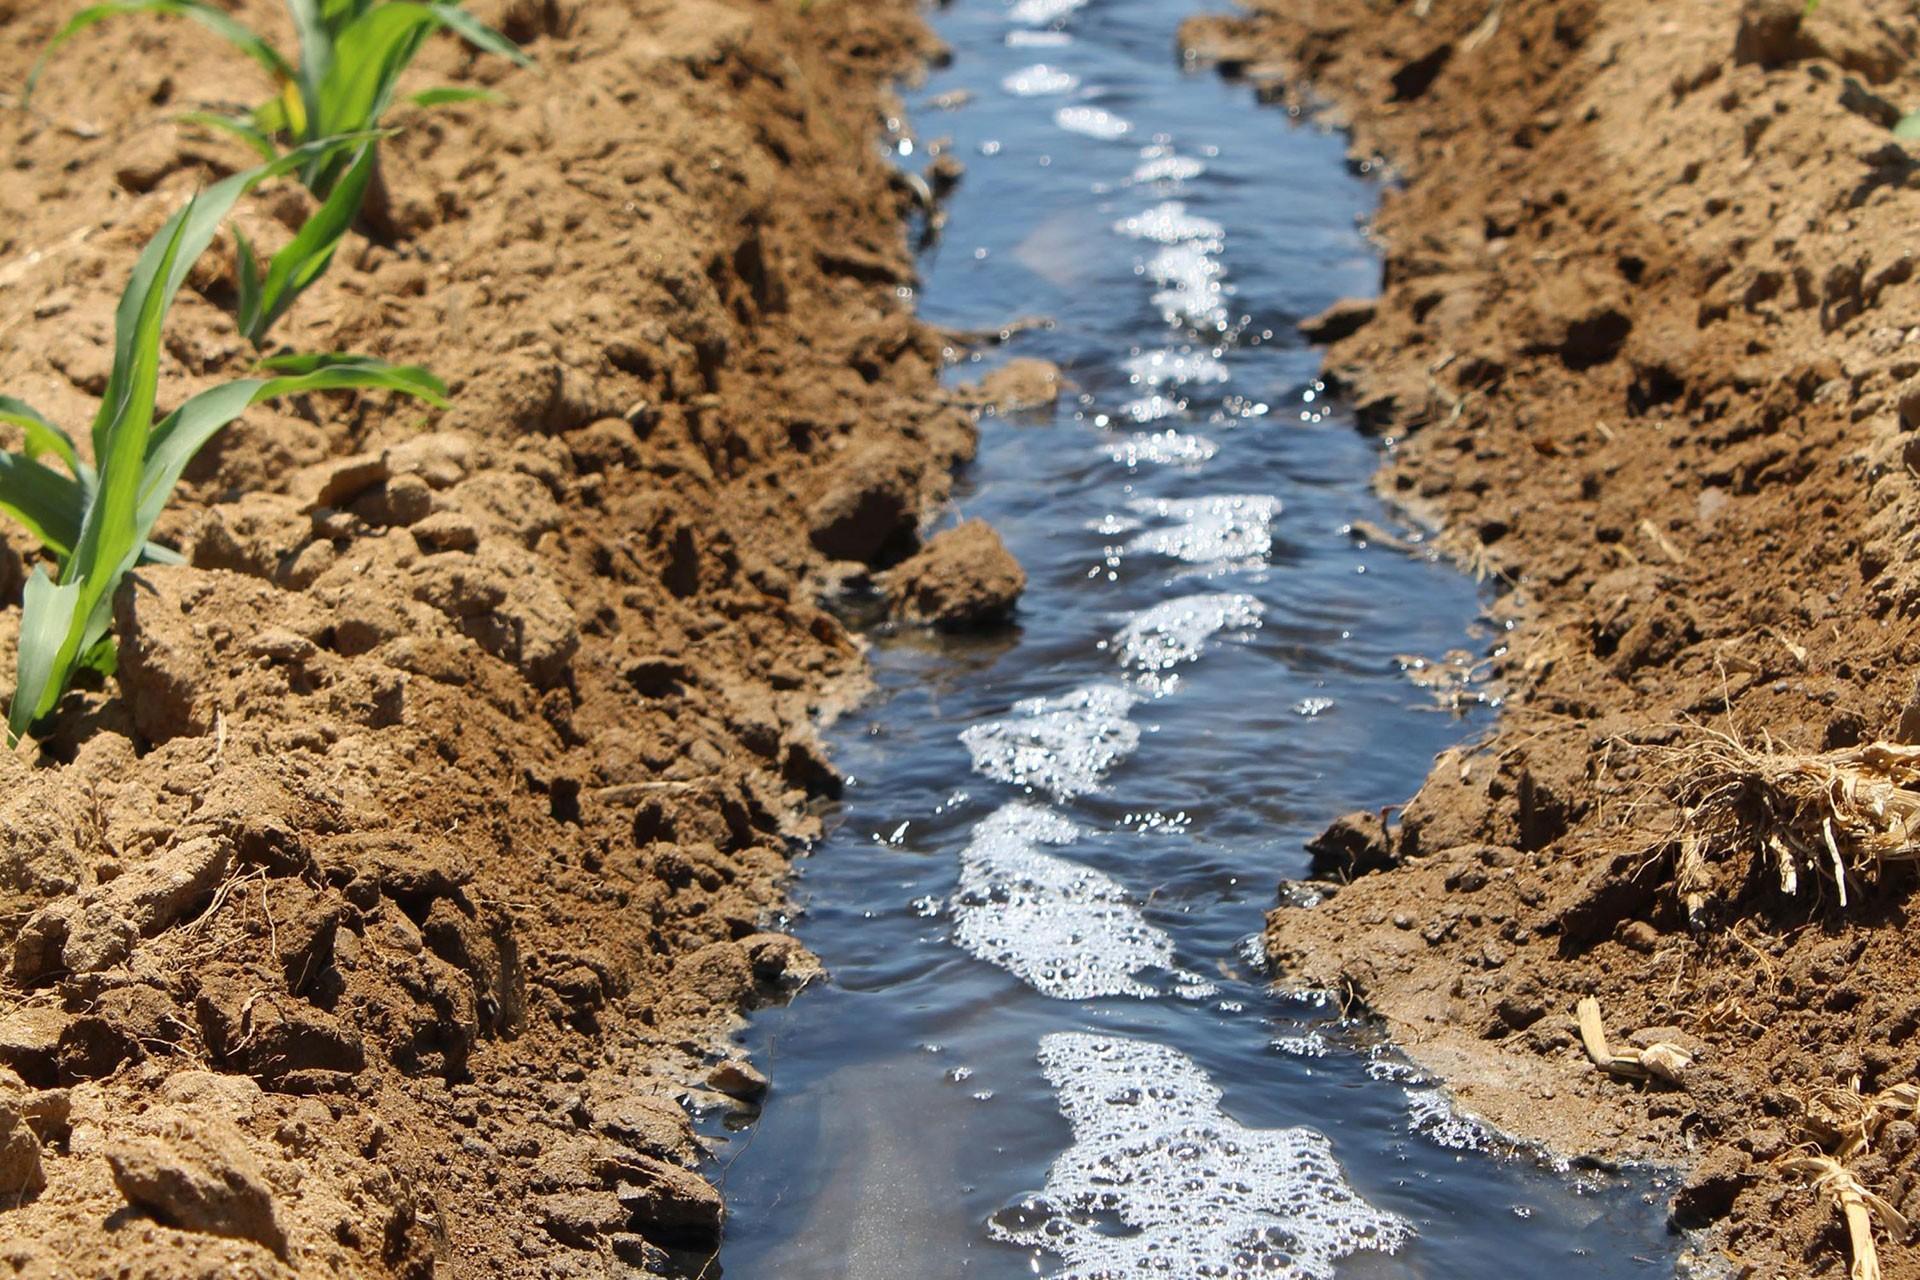 Çiftçilerden Küçük Menderes'te kirlilik tepkisi